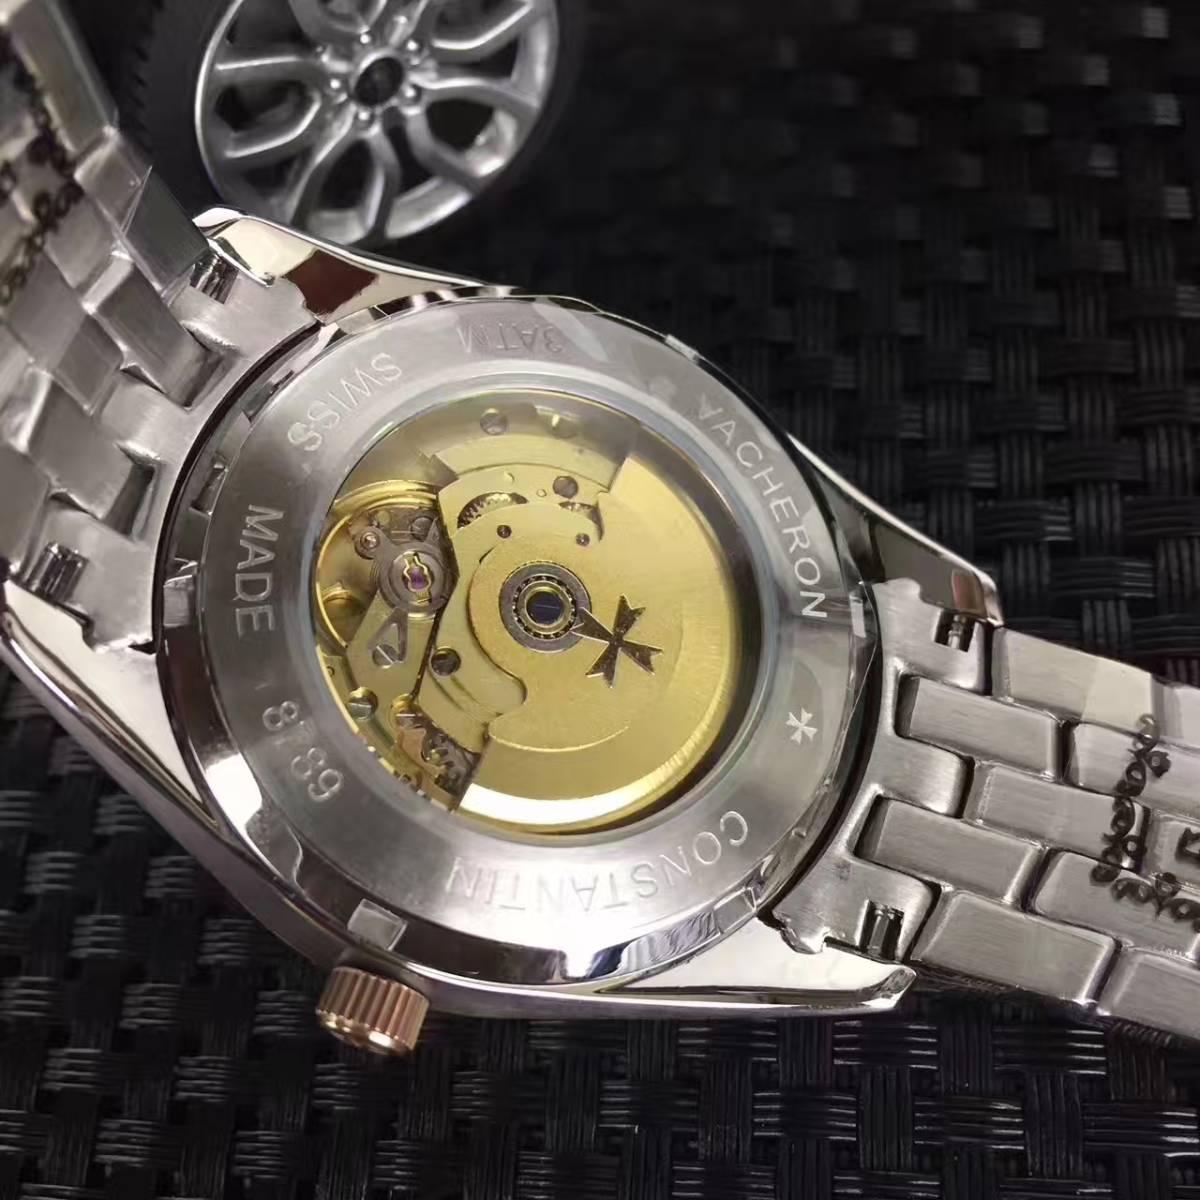 新品 ヴァシュロンコンスタンタン 高級感 男性用 腕時計 メンズ ウォッチ 自動巻き_画像3